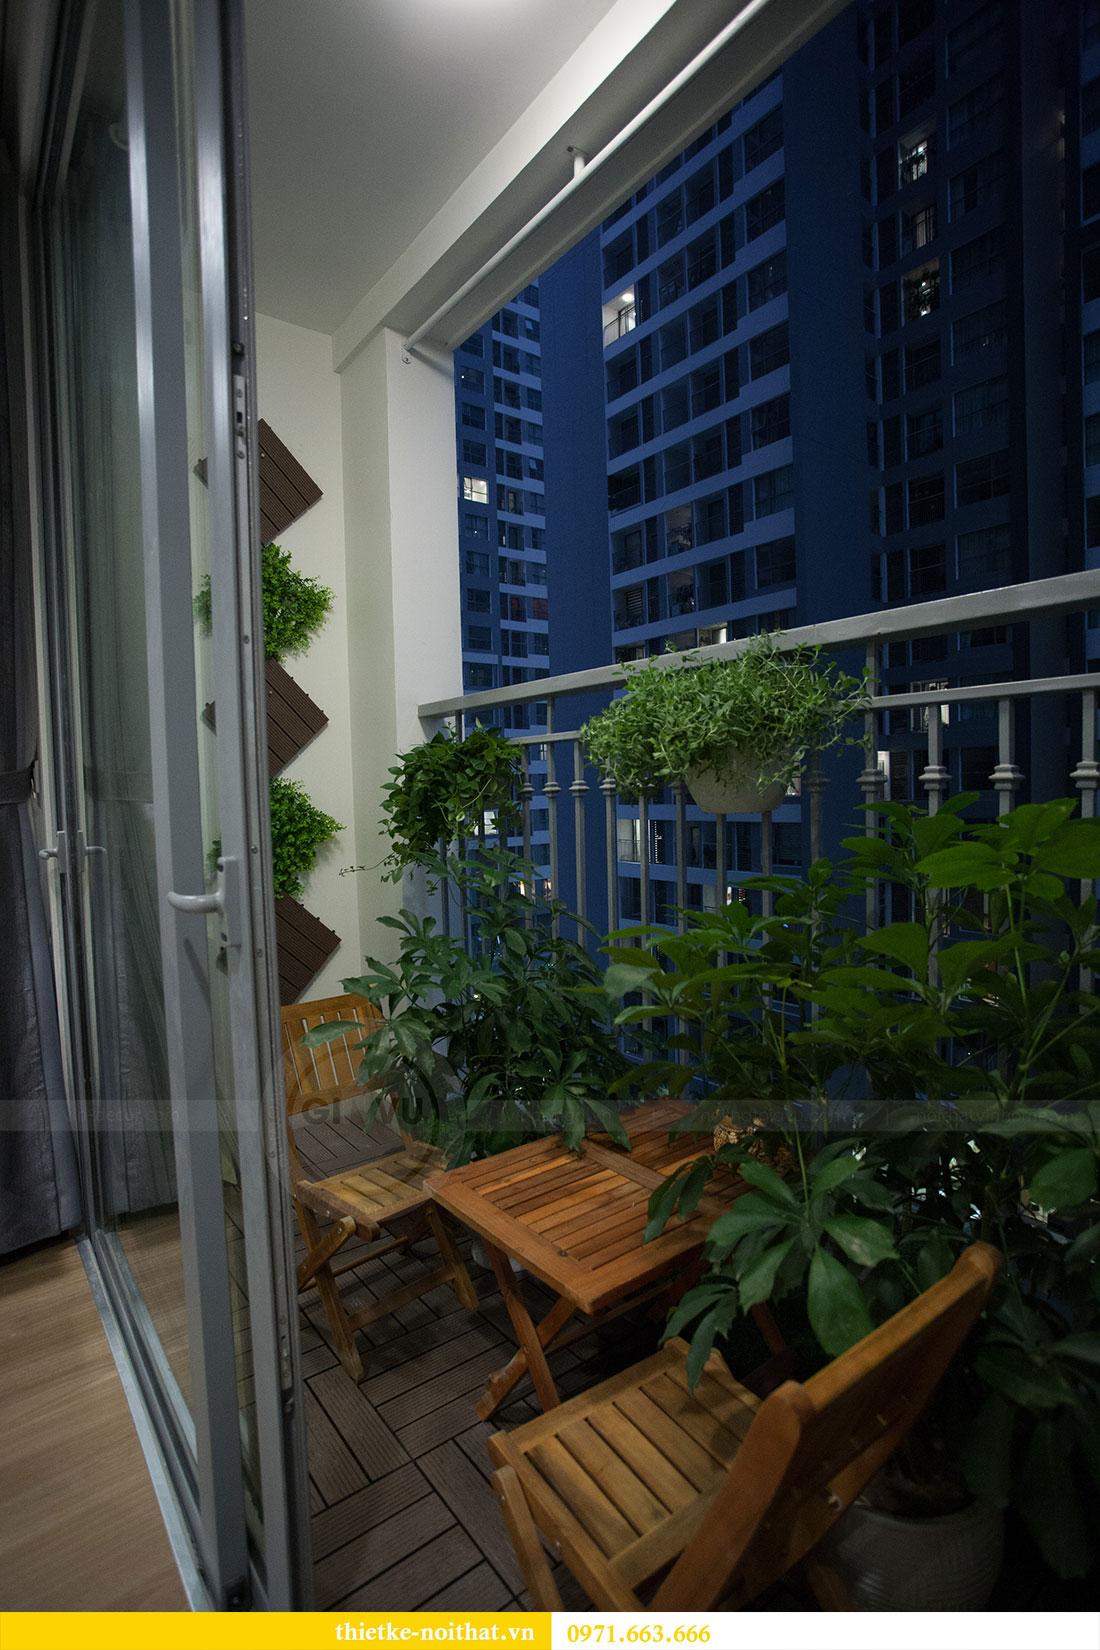 Thi công nội thất trọn gói tại Hà Nội - Lh 0971663666 view 14